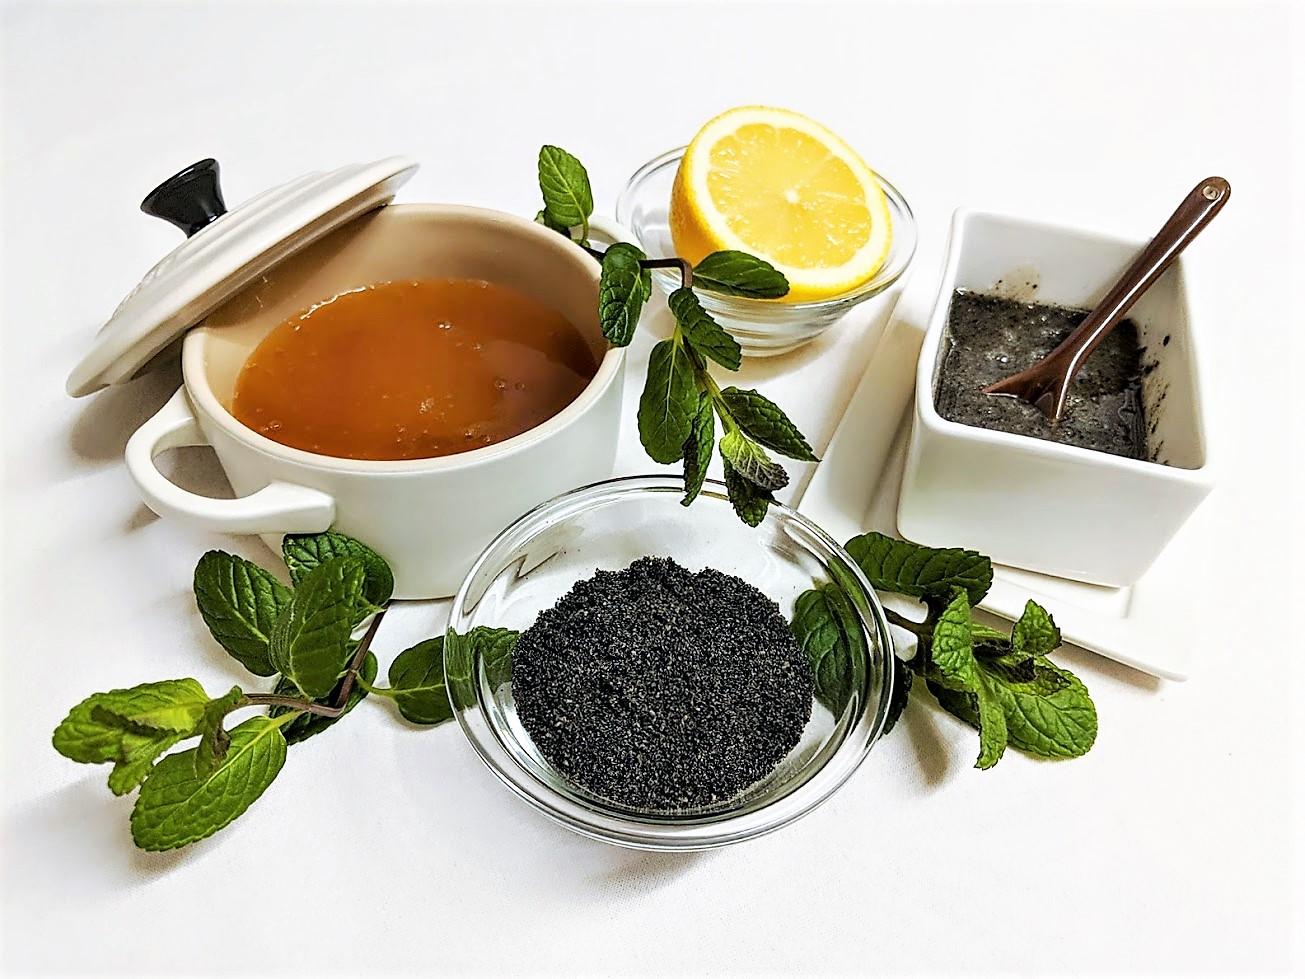 Schwarzkümmel-Honig-Zitronen Mix Rezept